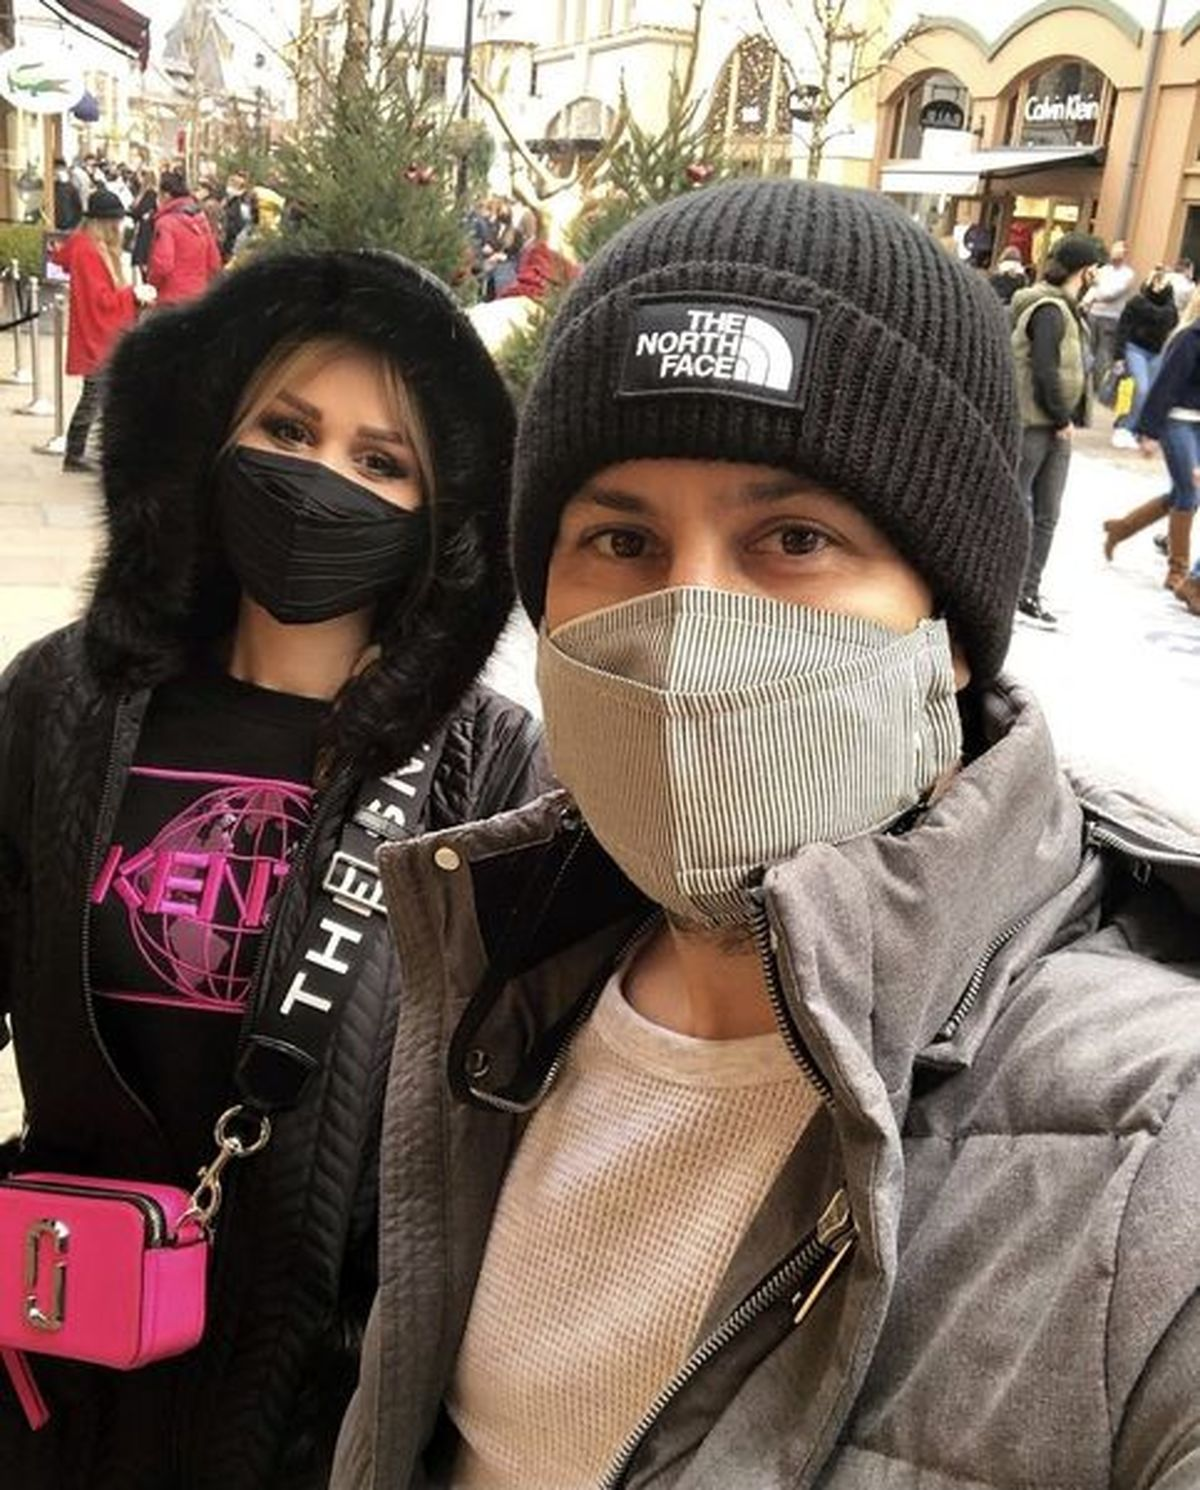 تیپ خفن و آنچنانی شاهرخ استخری و همسرش در بلژیک + عکس